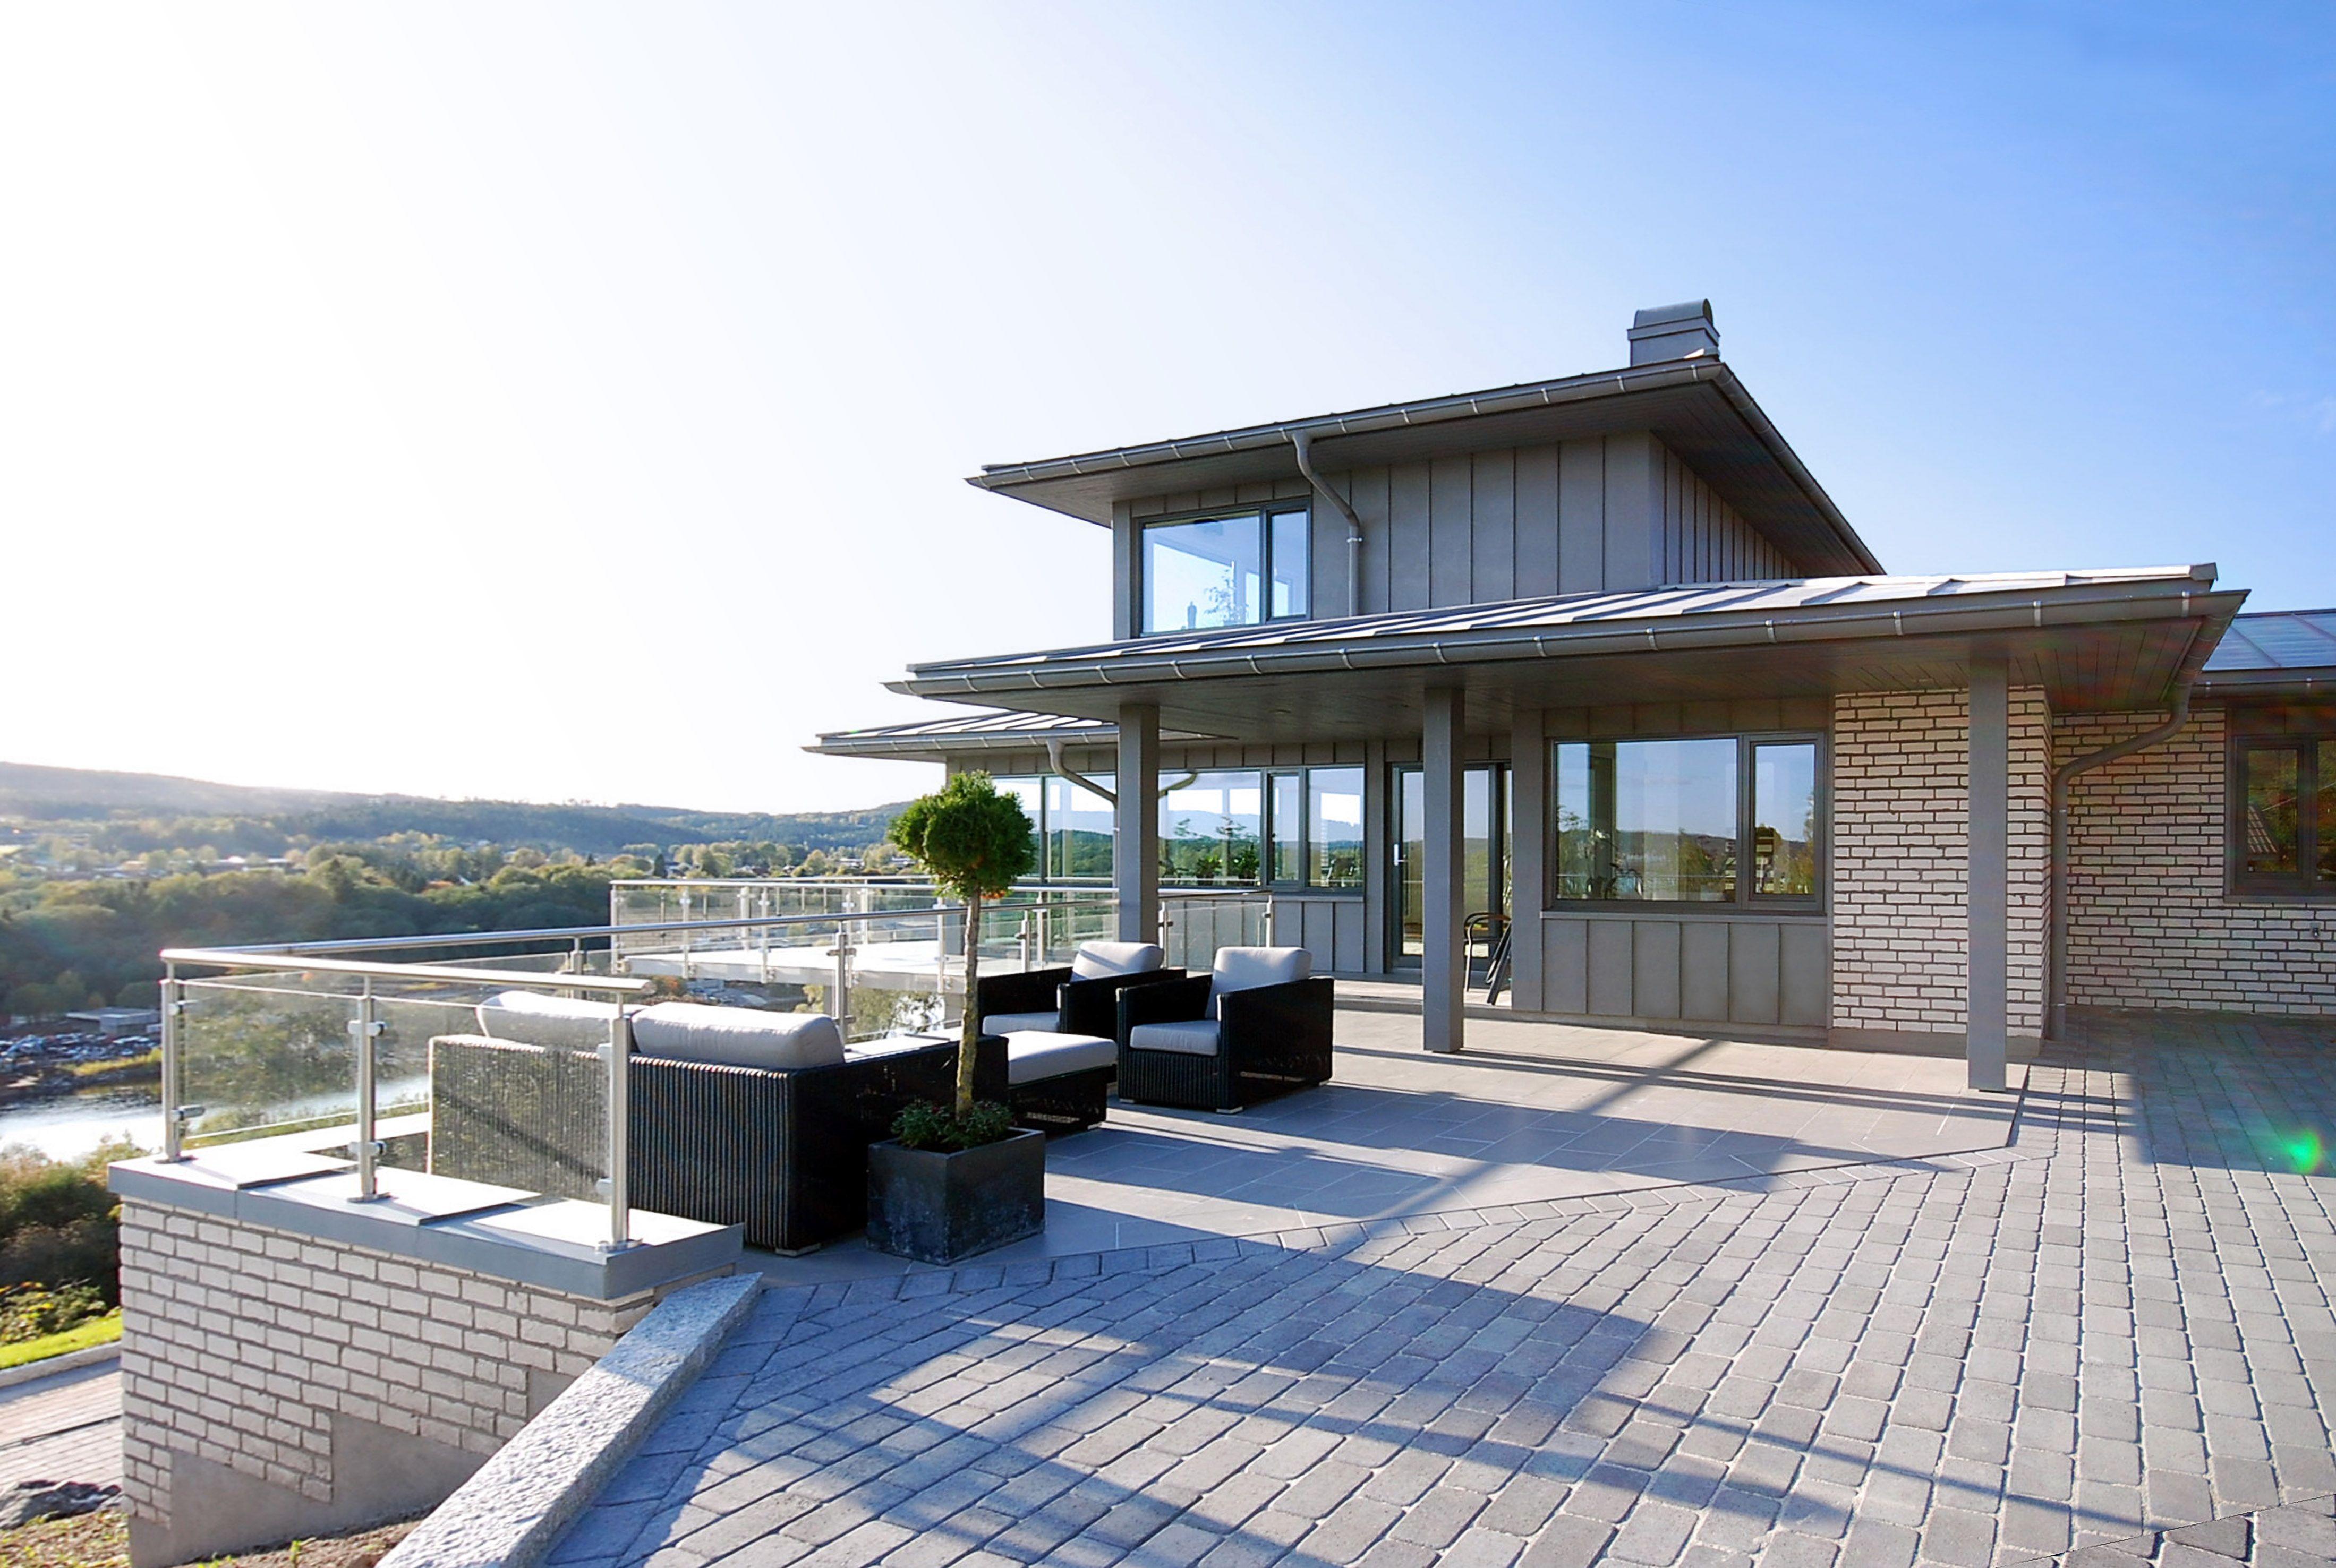 Kongsgård Gråmix gir et moderne og innbydende inntrykk.